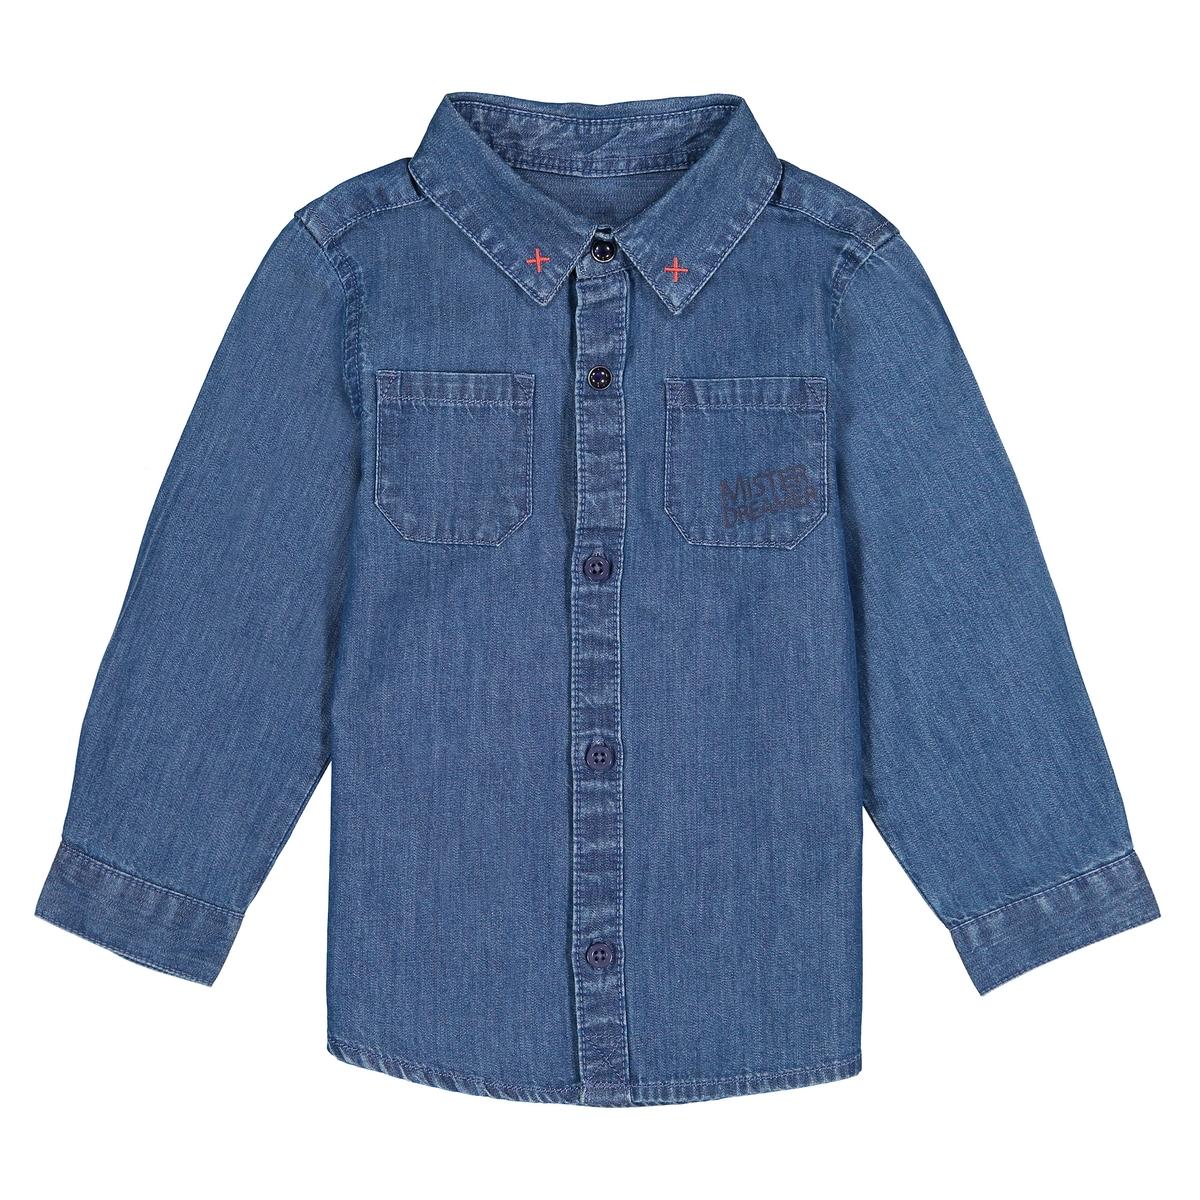 Camicia in denim maniche lunghe 1 mese - 3 anni